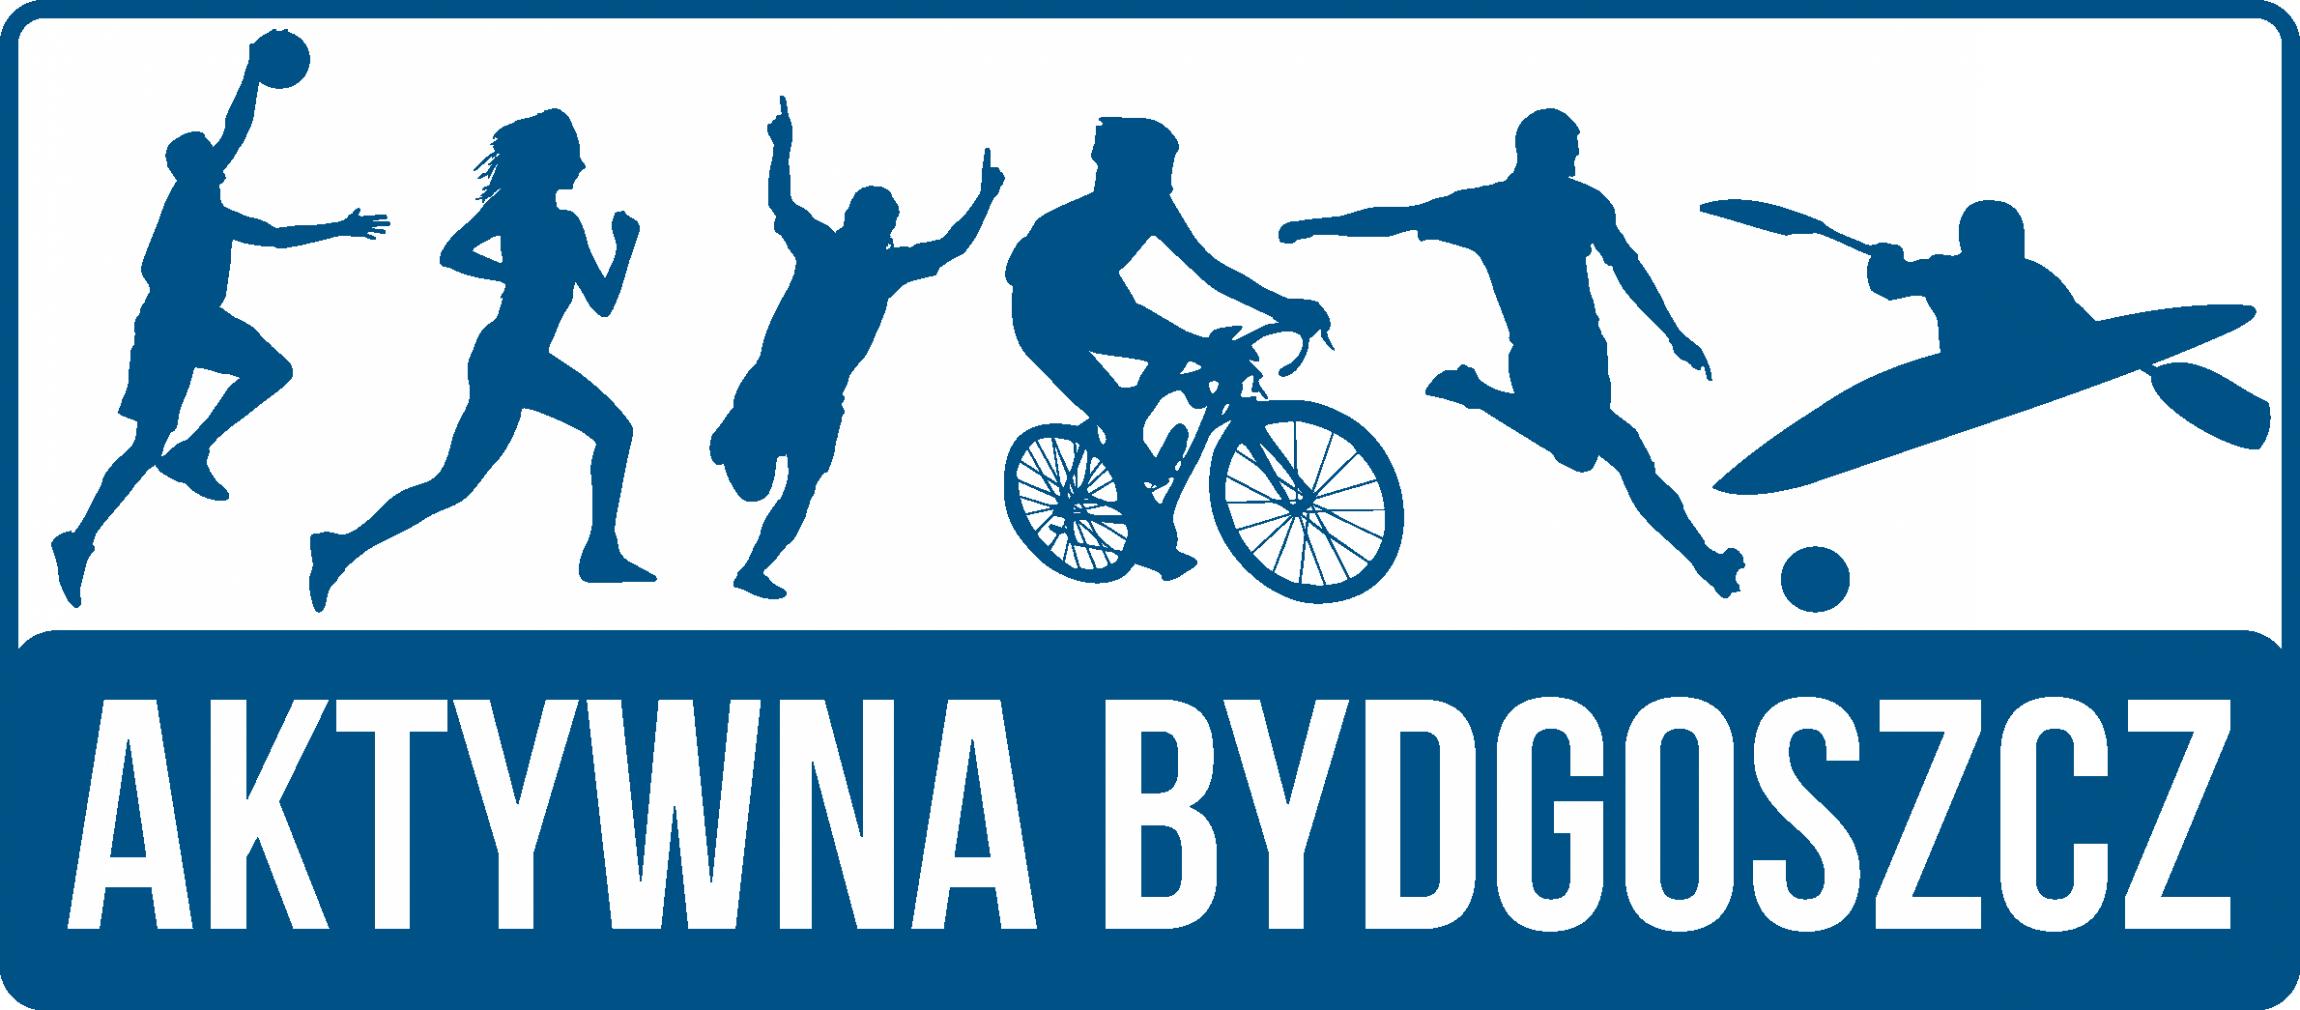 zawody biegowe Aktywna Bydgoszcz